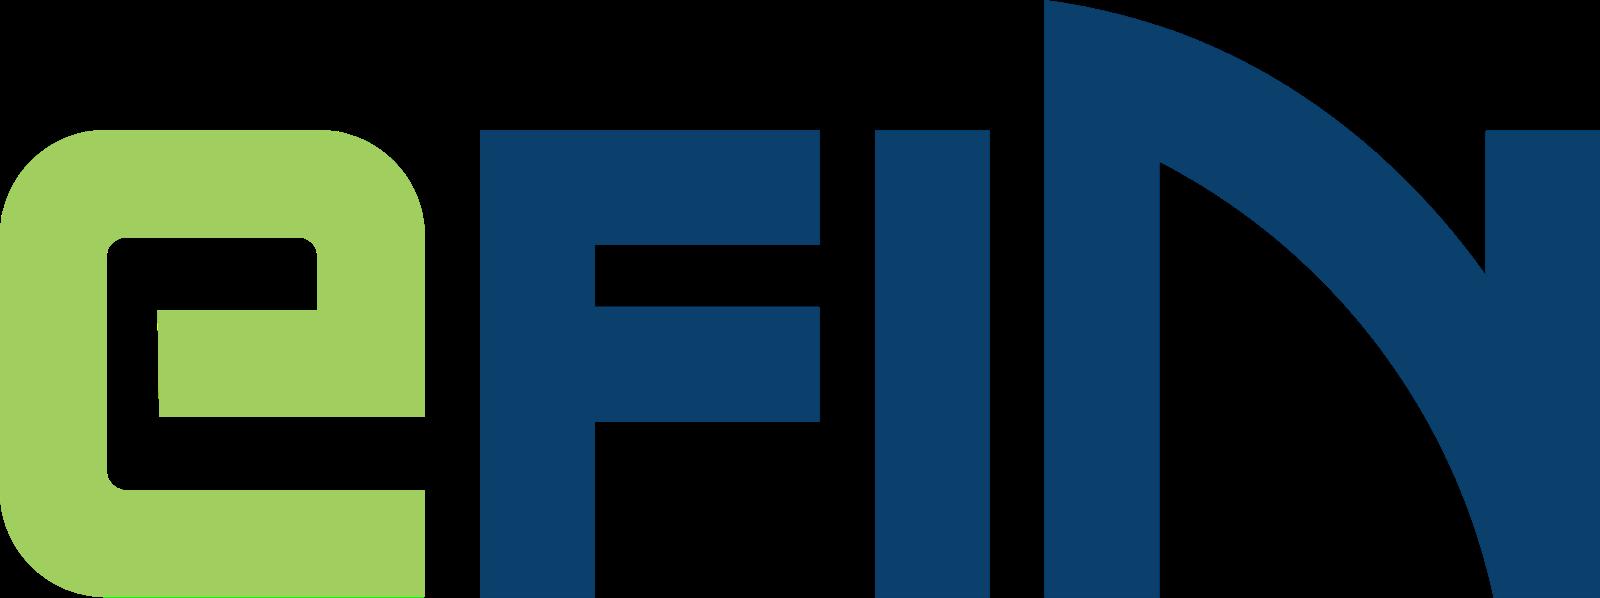 Introducing eFin DEX